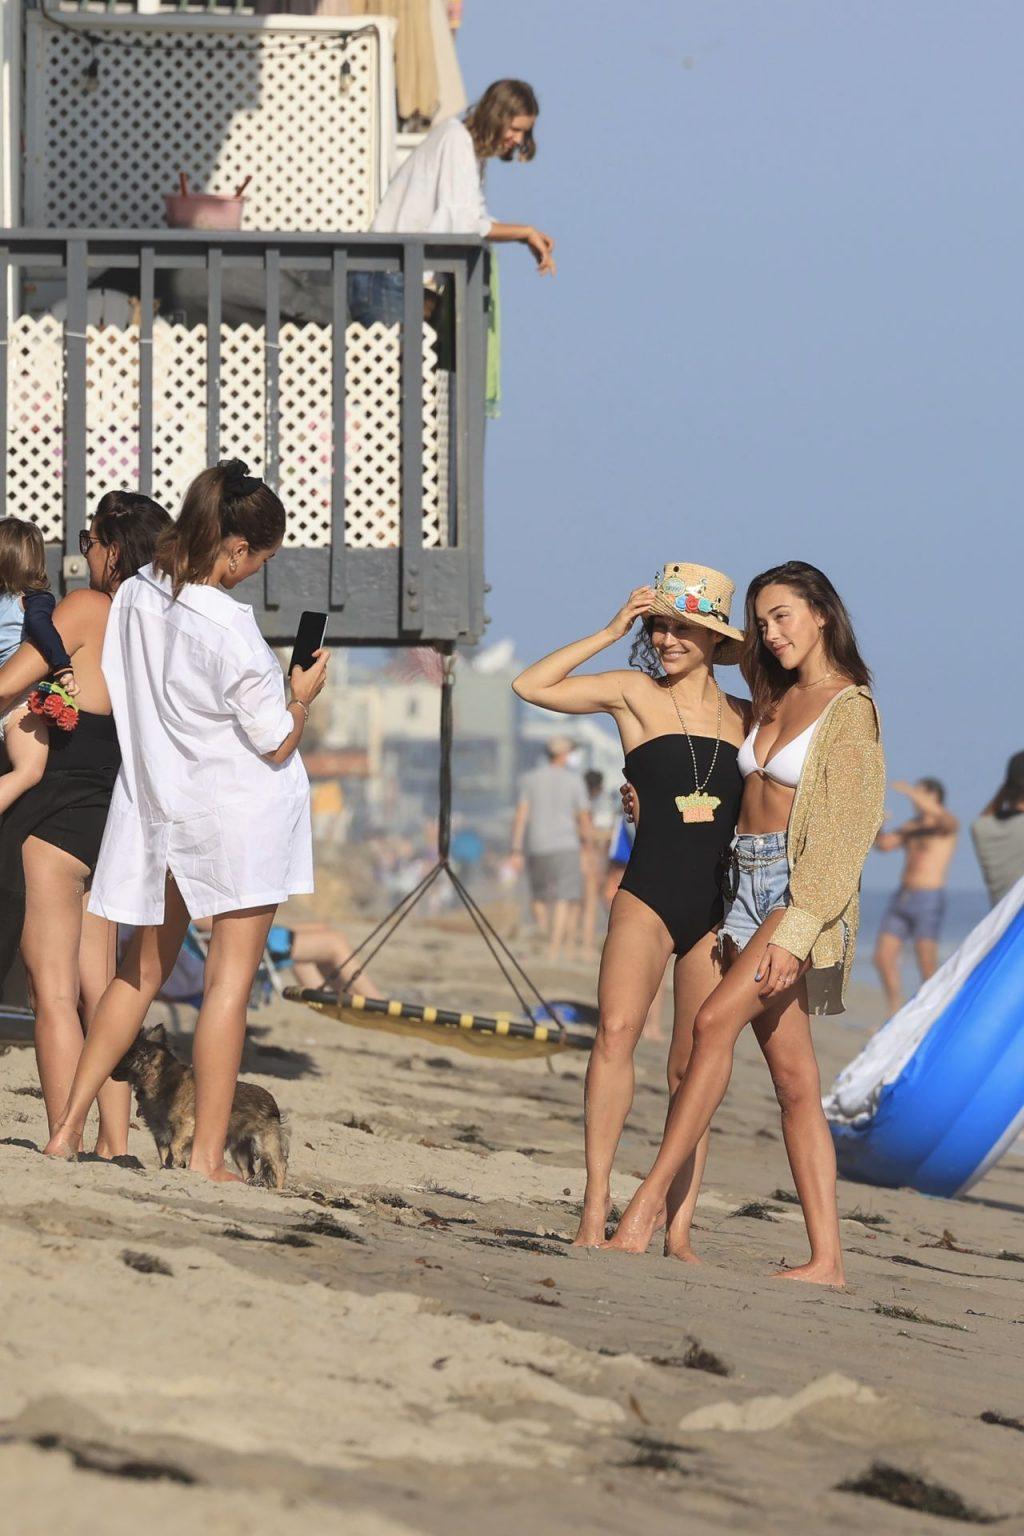 Olivia Culpo Celebrates Cara Santana's Birthday with Her at the Beach (55 Photos)